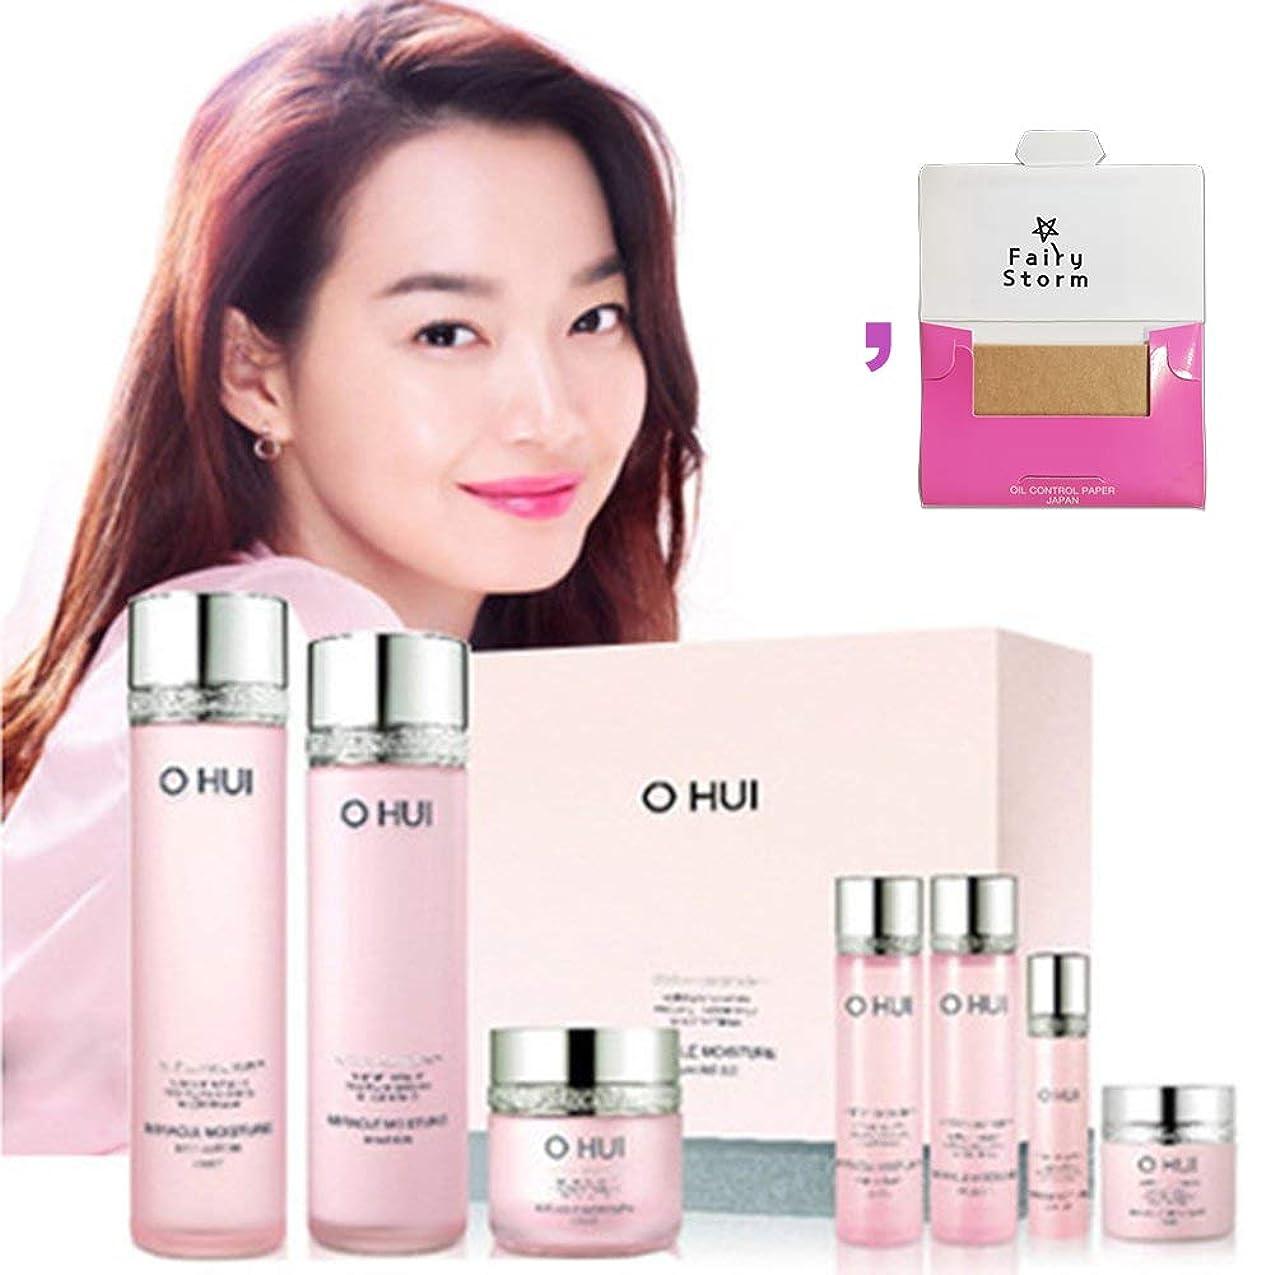 行き当たりばったり不要きらきら[オフィ/O HUI]韓国化粧品LG生活健康/Miracle Moisture three kinds of special set/ミラクルモイスチャー3種のスペシャルセット+[Sample Gift](海外直送品)